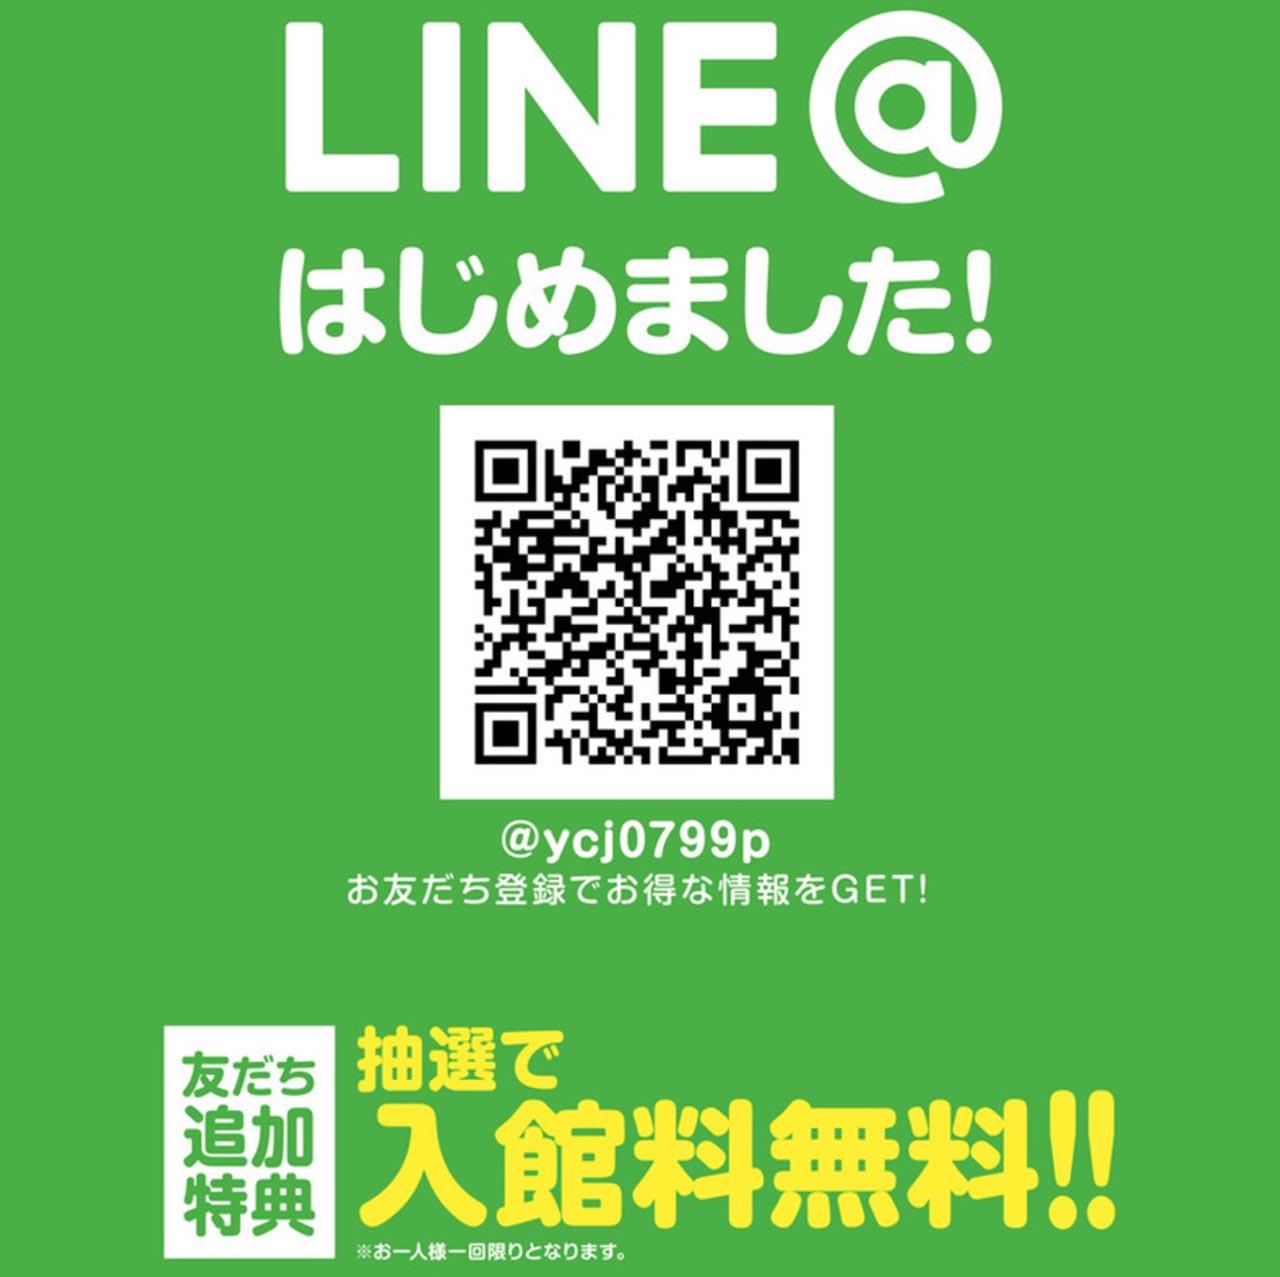 中津川のクアリゾートのLINE@